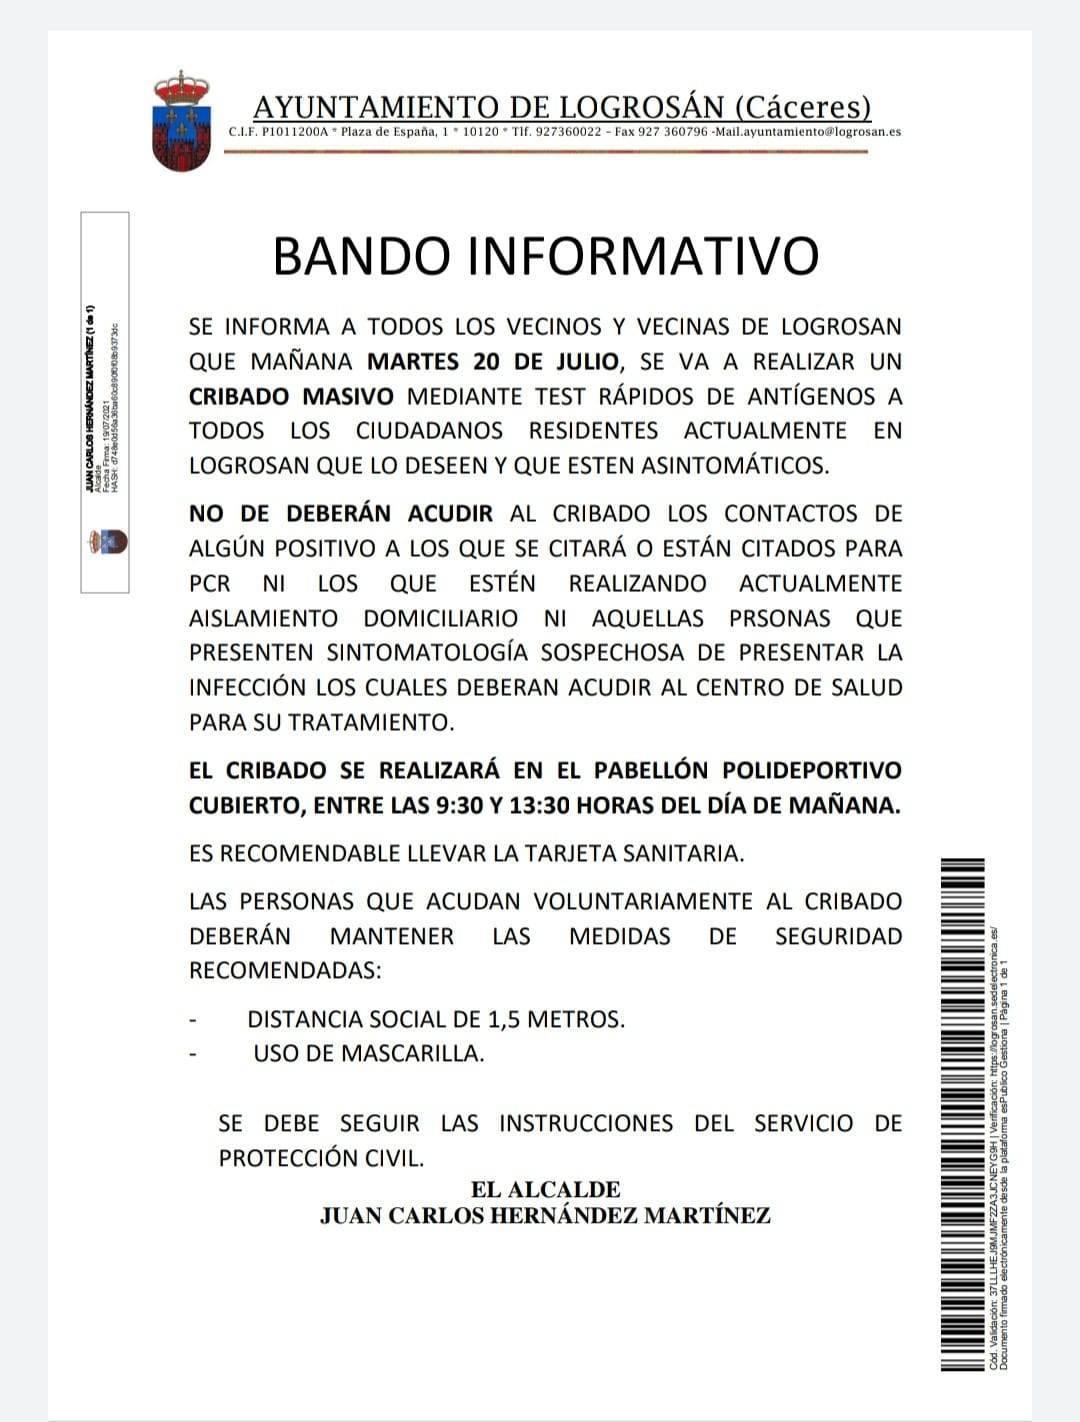 Cribado masivo de COVID-19 (julio 2021) - Logrosán (Cáceres)